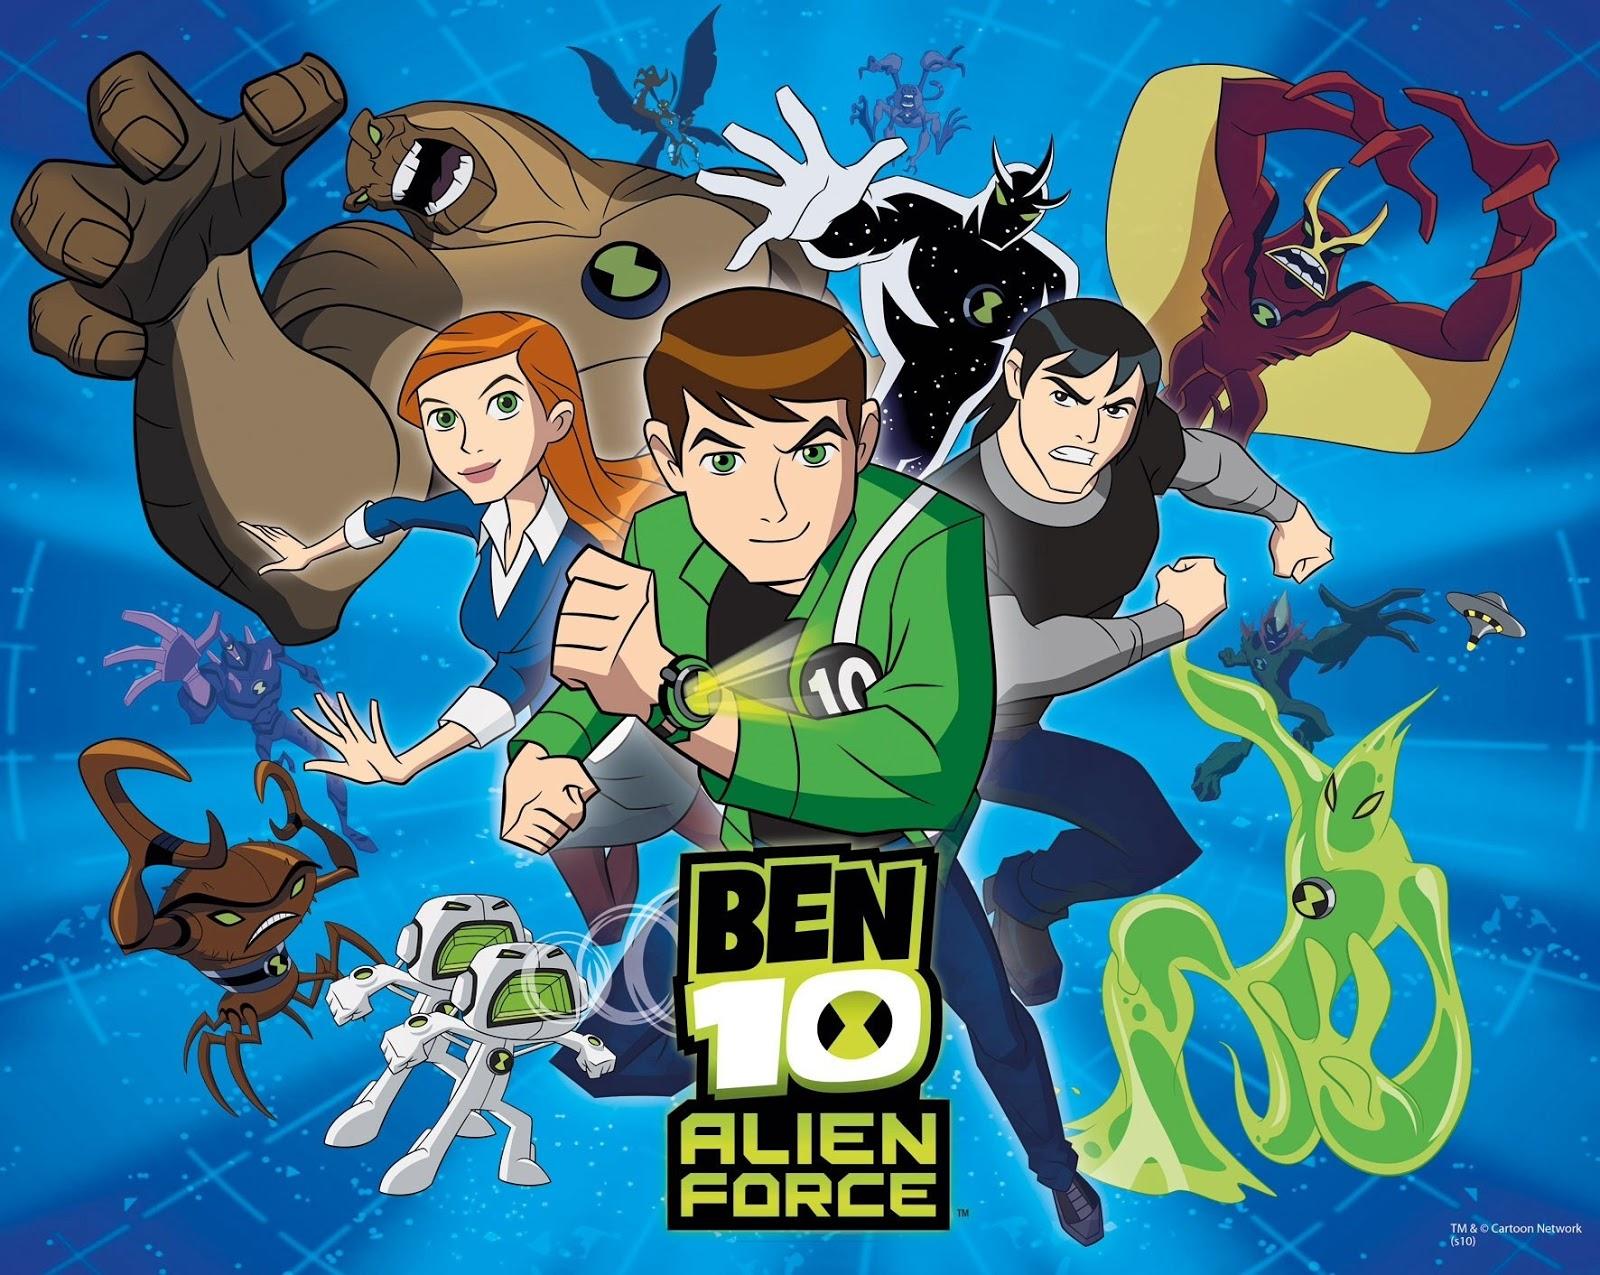 ben 10 alien force in hindi episode